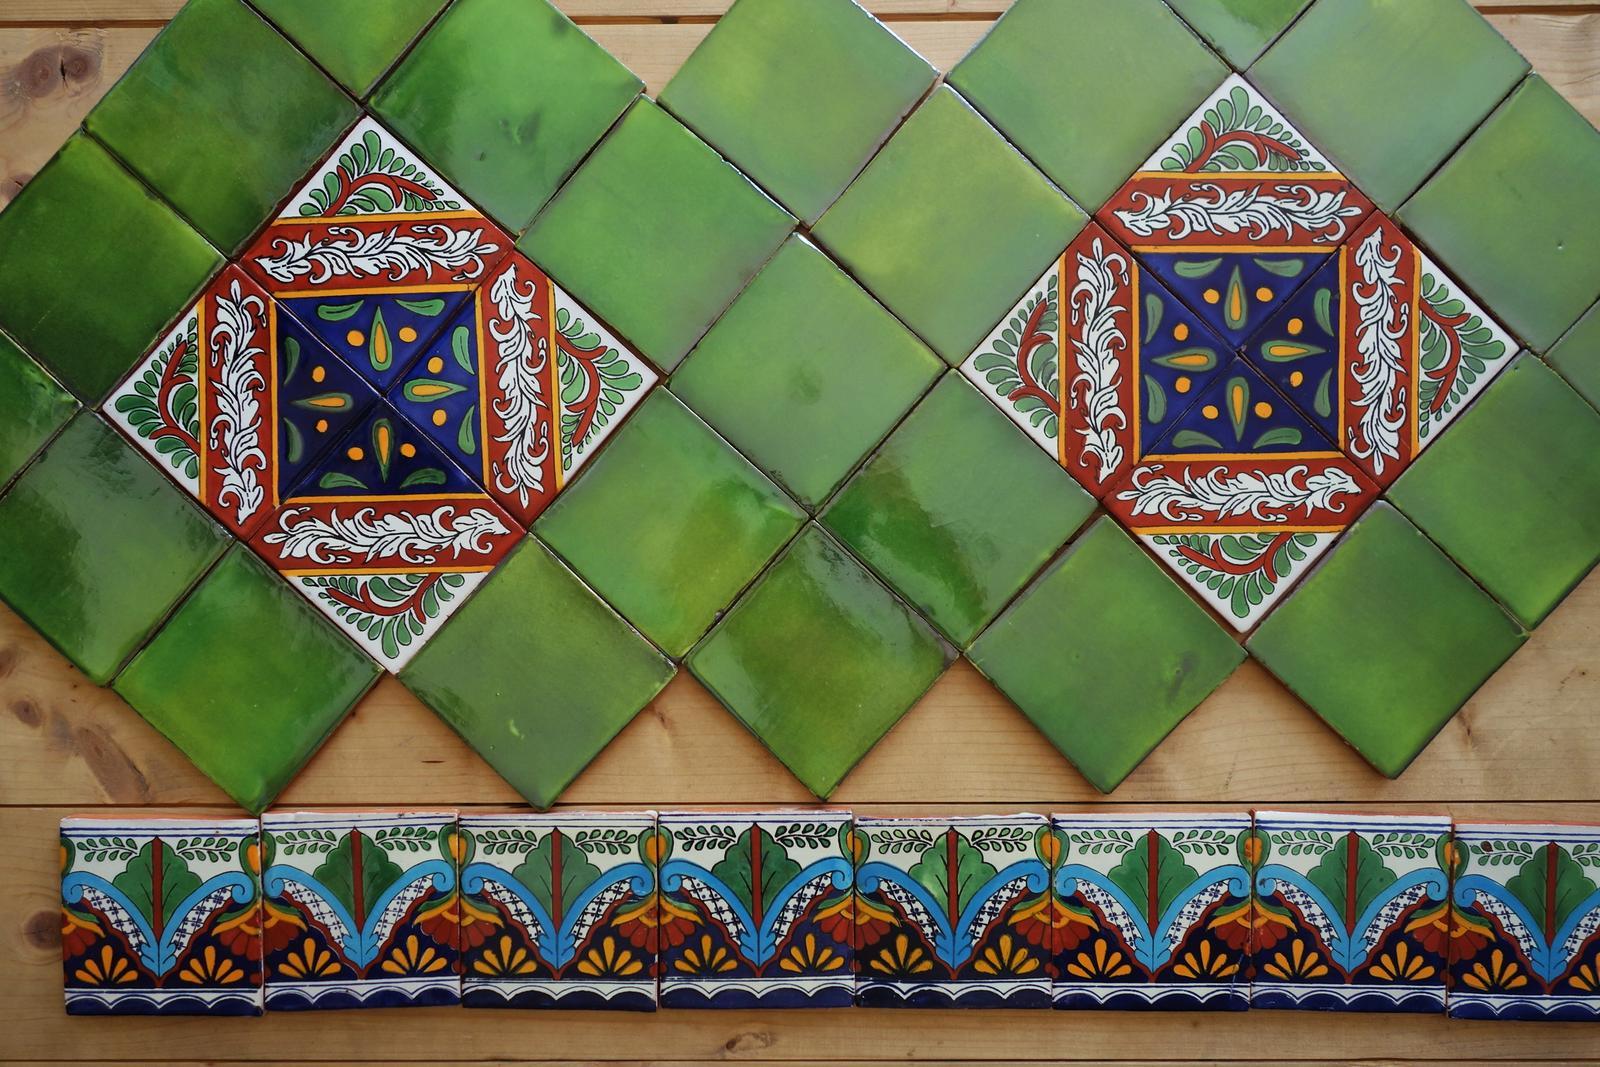 lagartija - Aj takto môže vyzerať dekor vo vašej kúpelni/kuchyni.